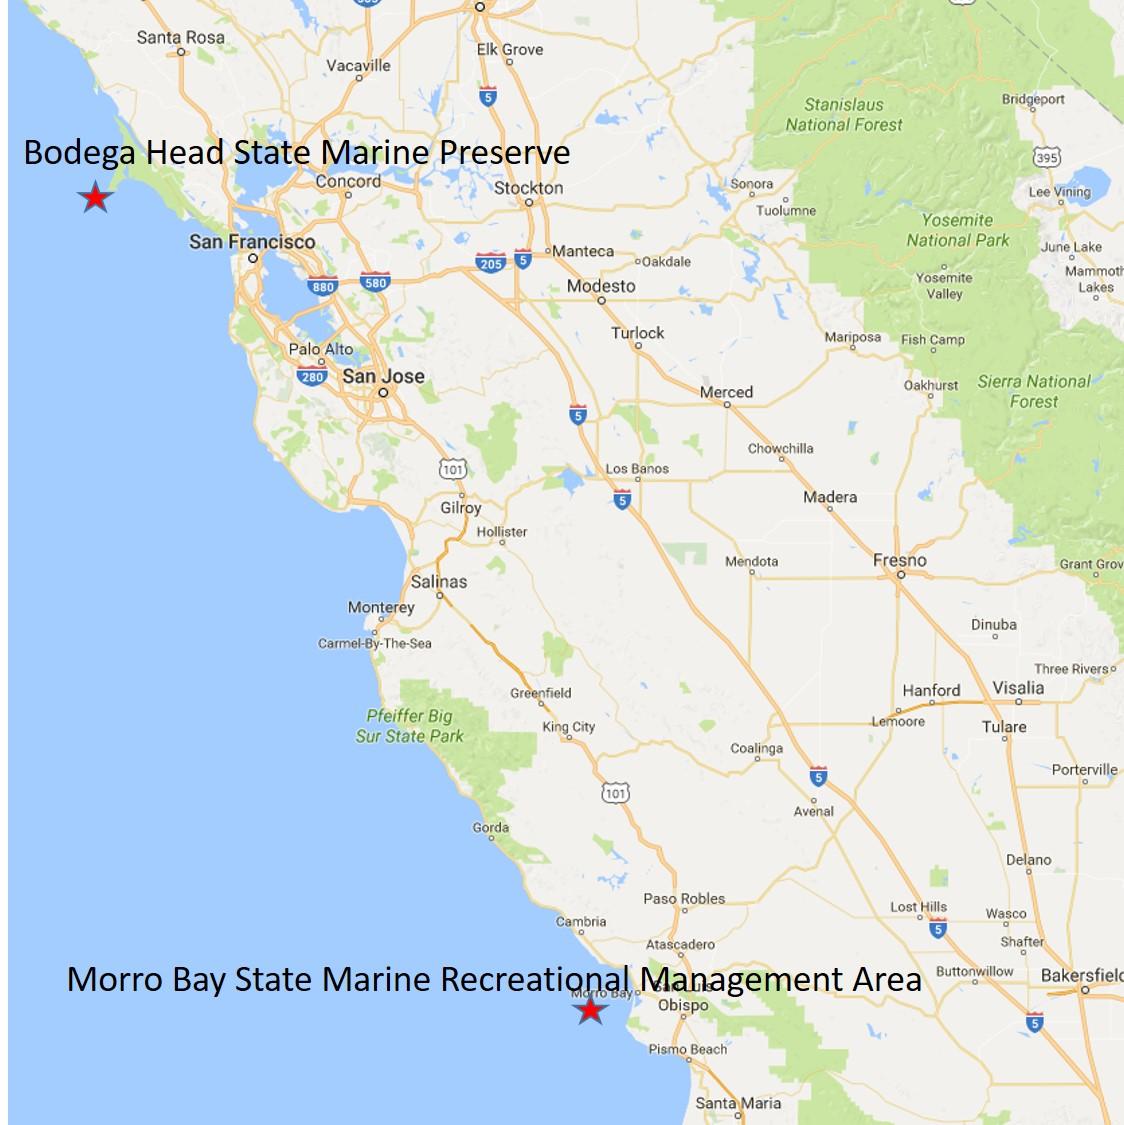 Map of California coast from Bodega Head to Morror Bay